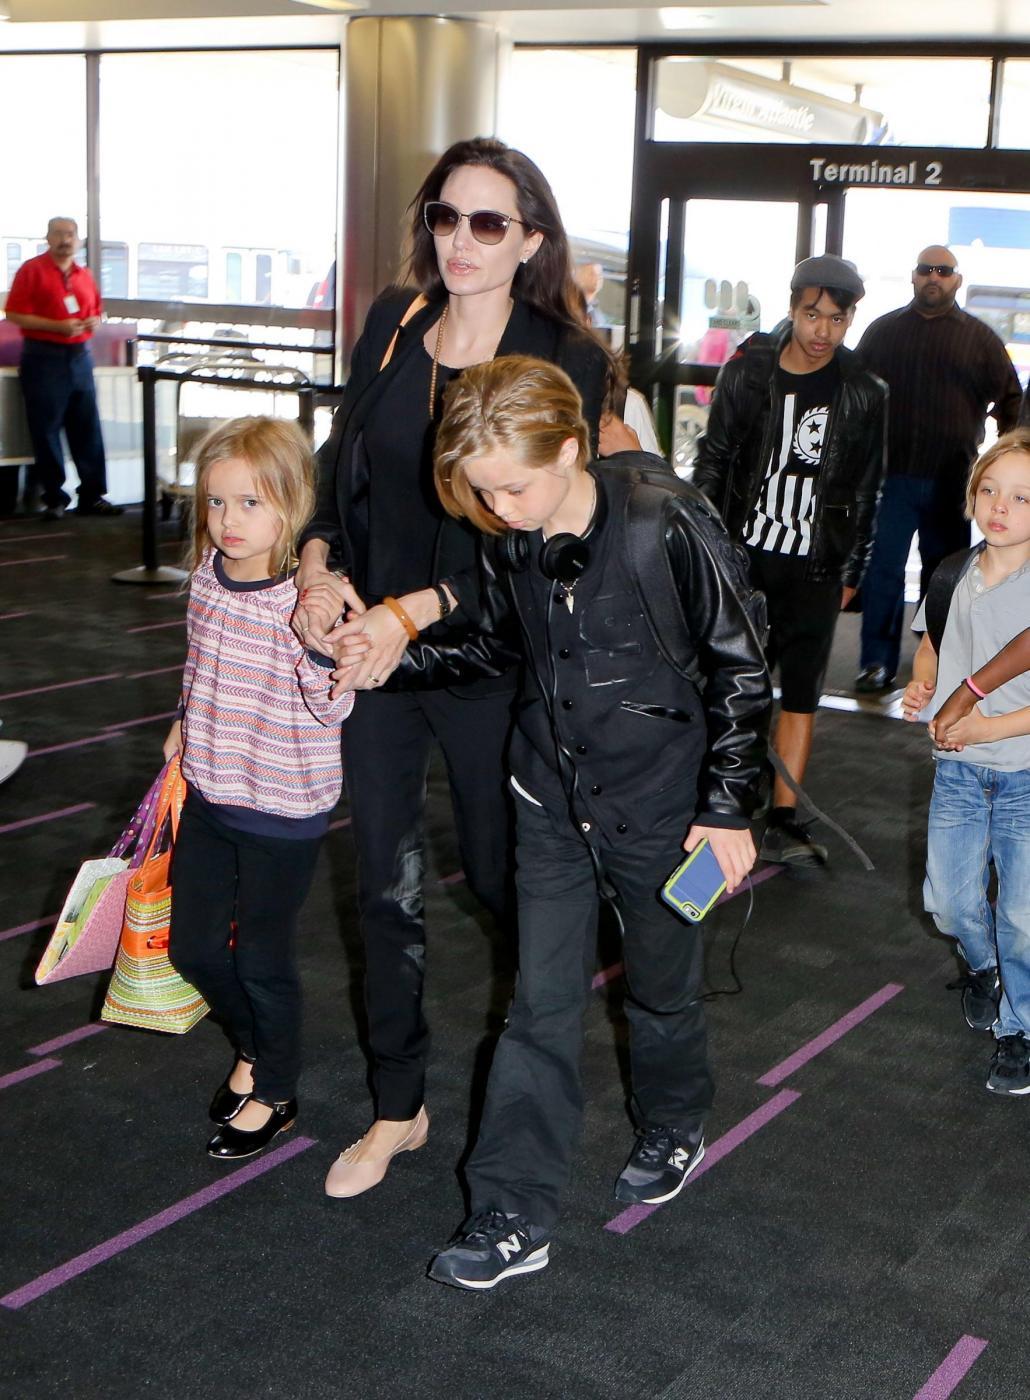 Angelina Jolie e Brad Pitt all'aeroporto con i figli FOTO 8